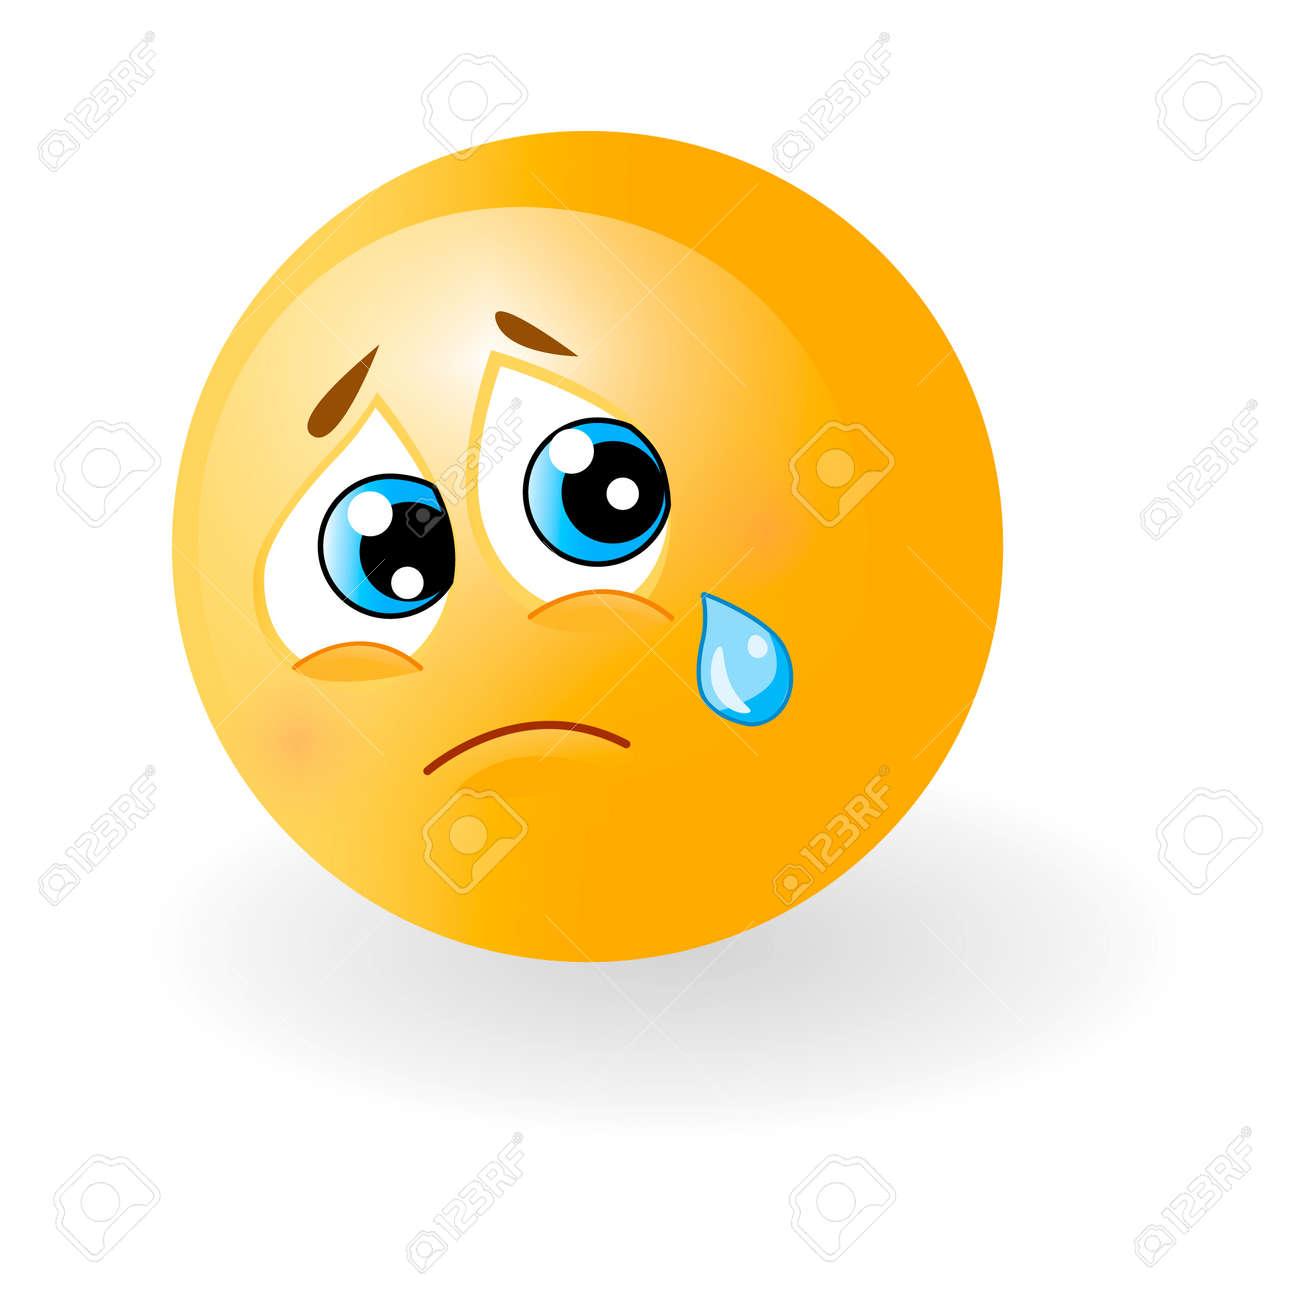 yellow cute sad emoticon